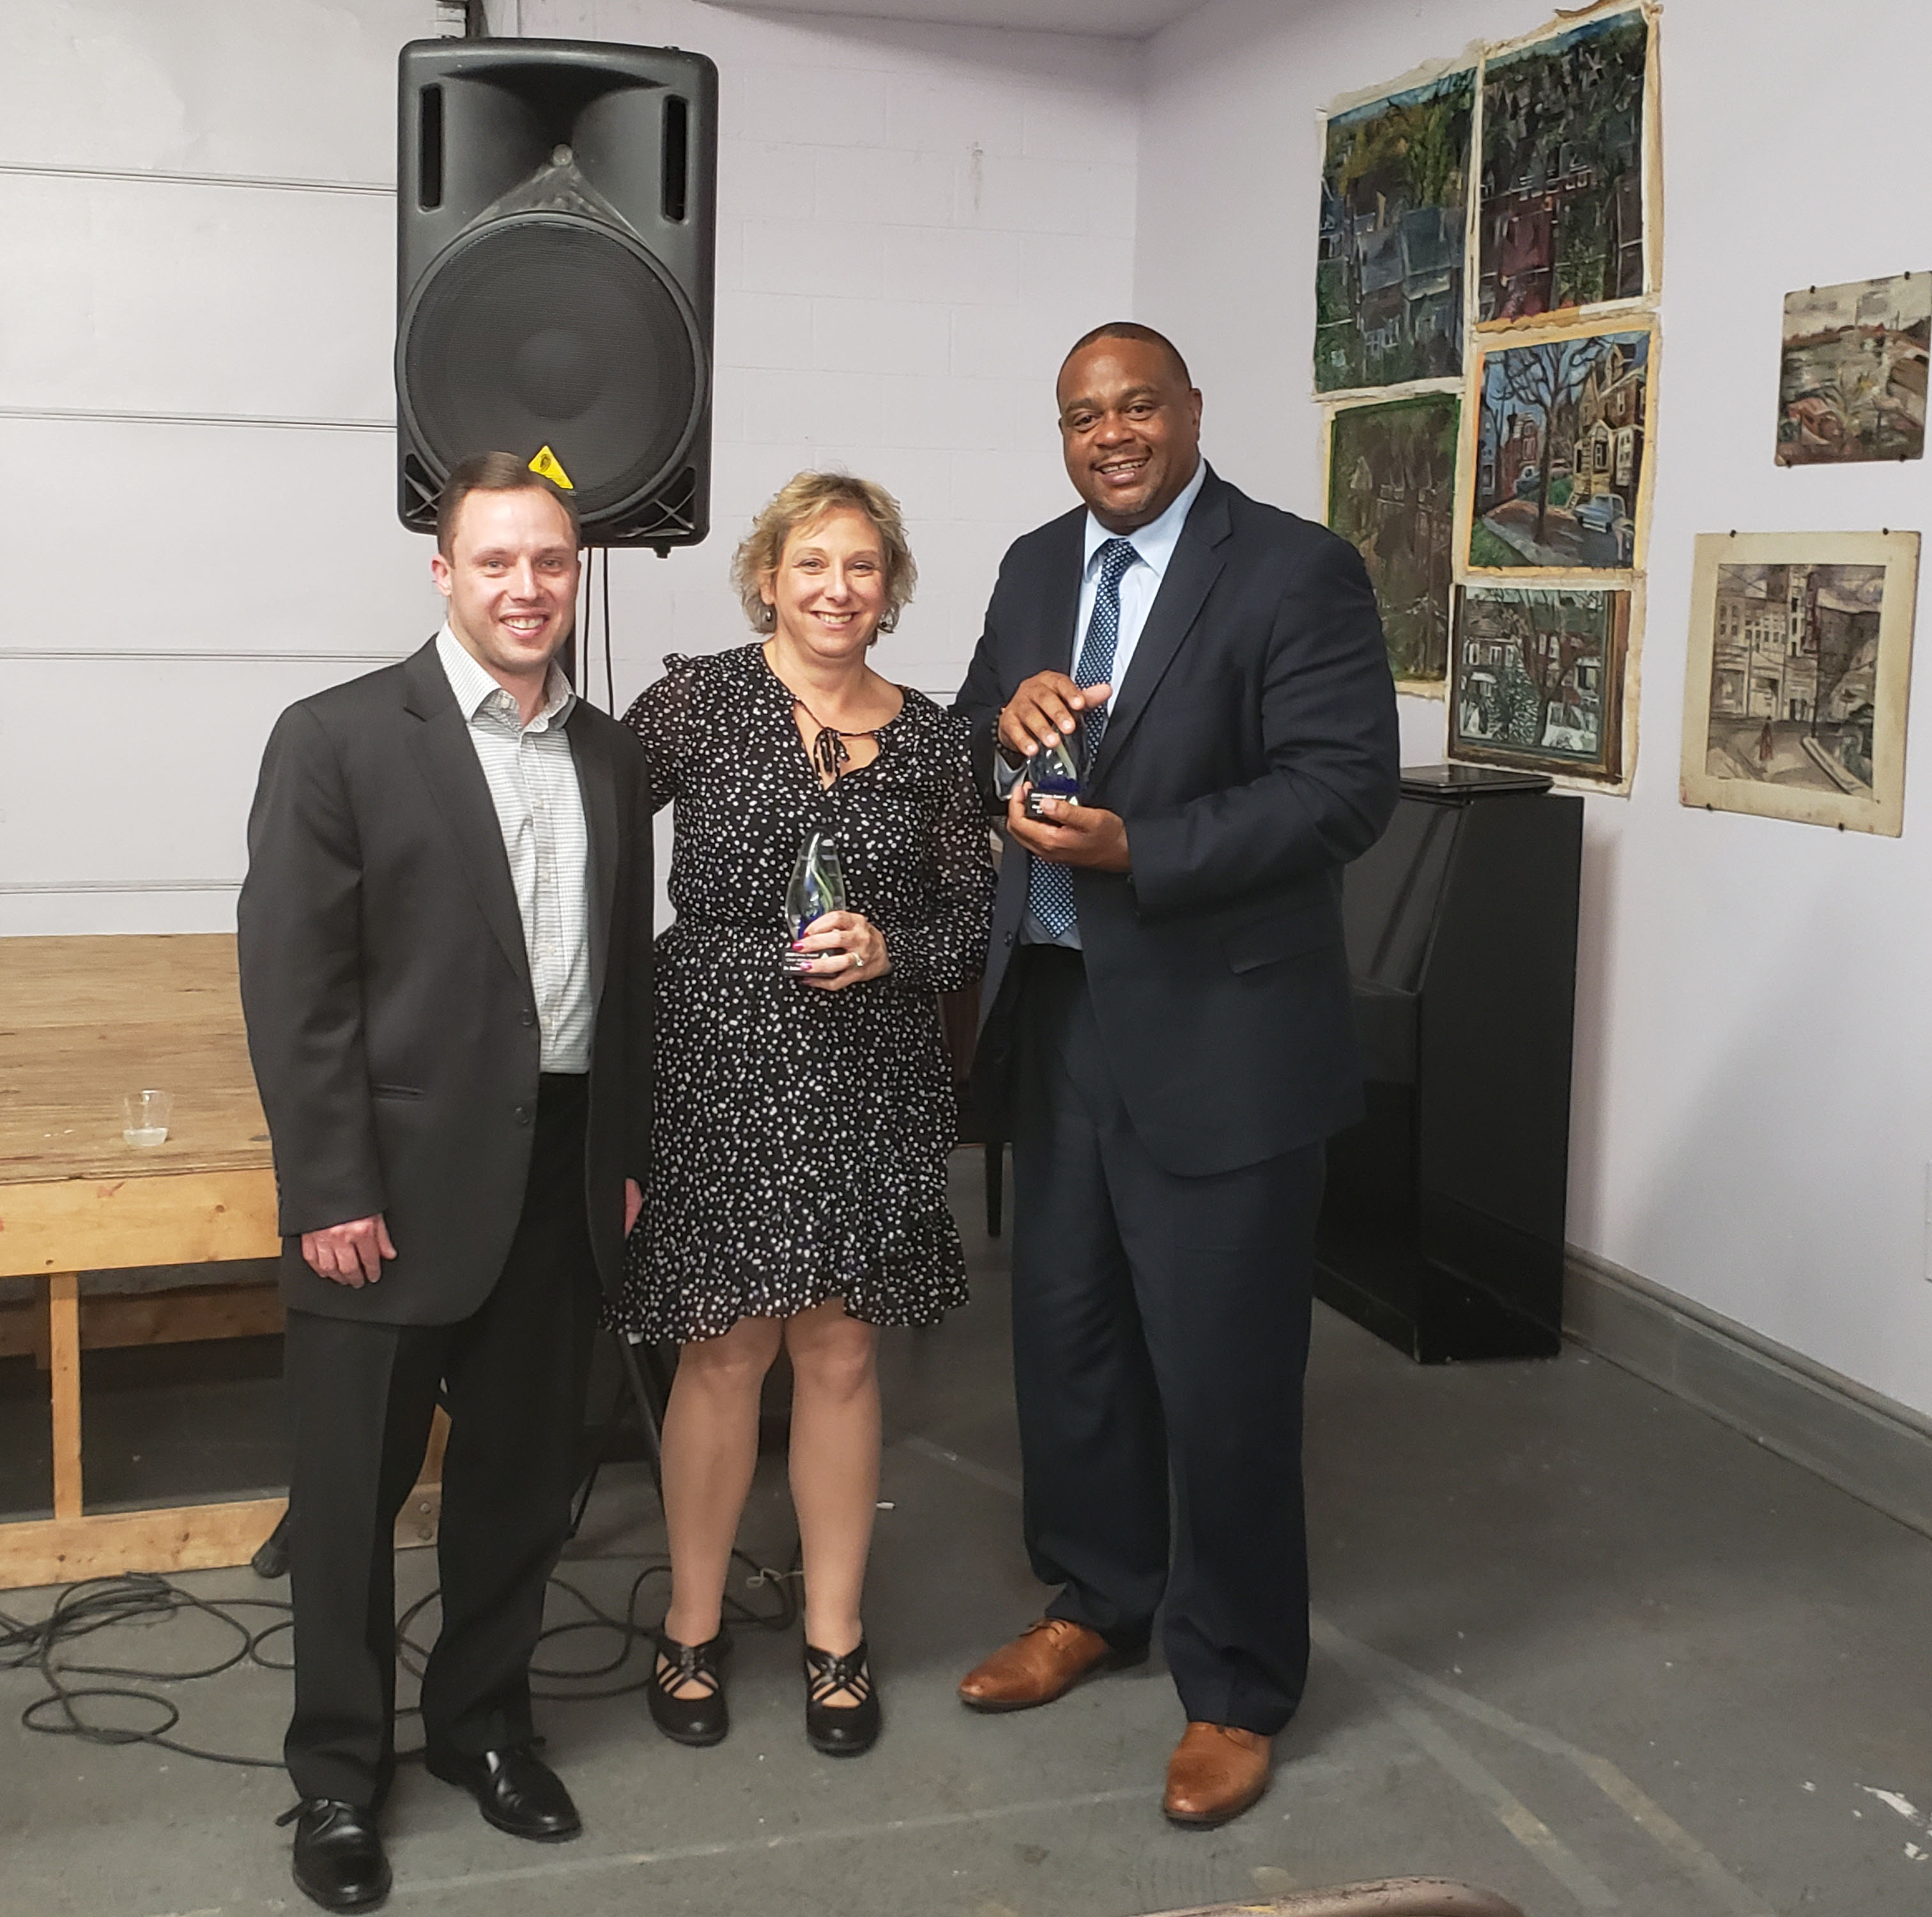 PA_Pitt Auction- Steve & Awardees.jpg